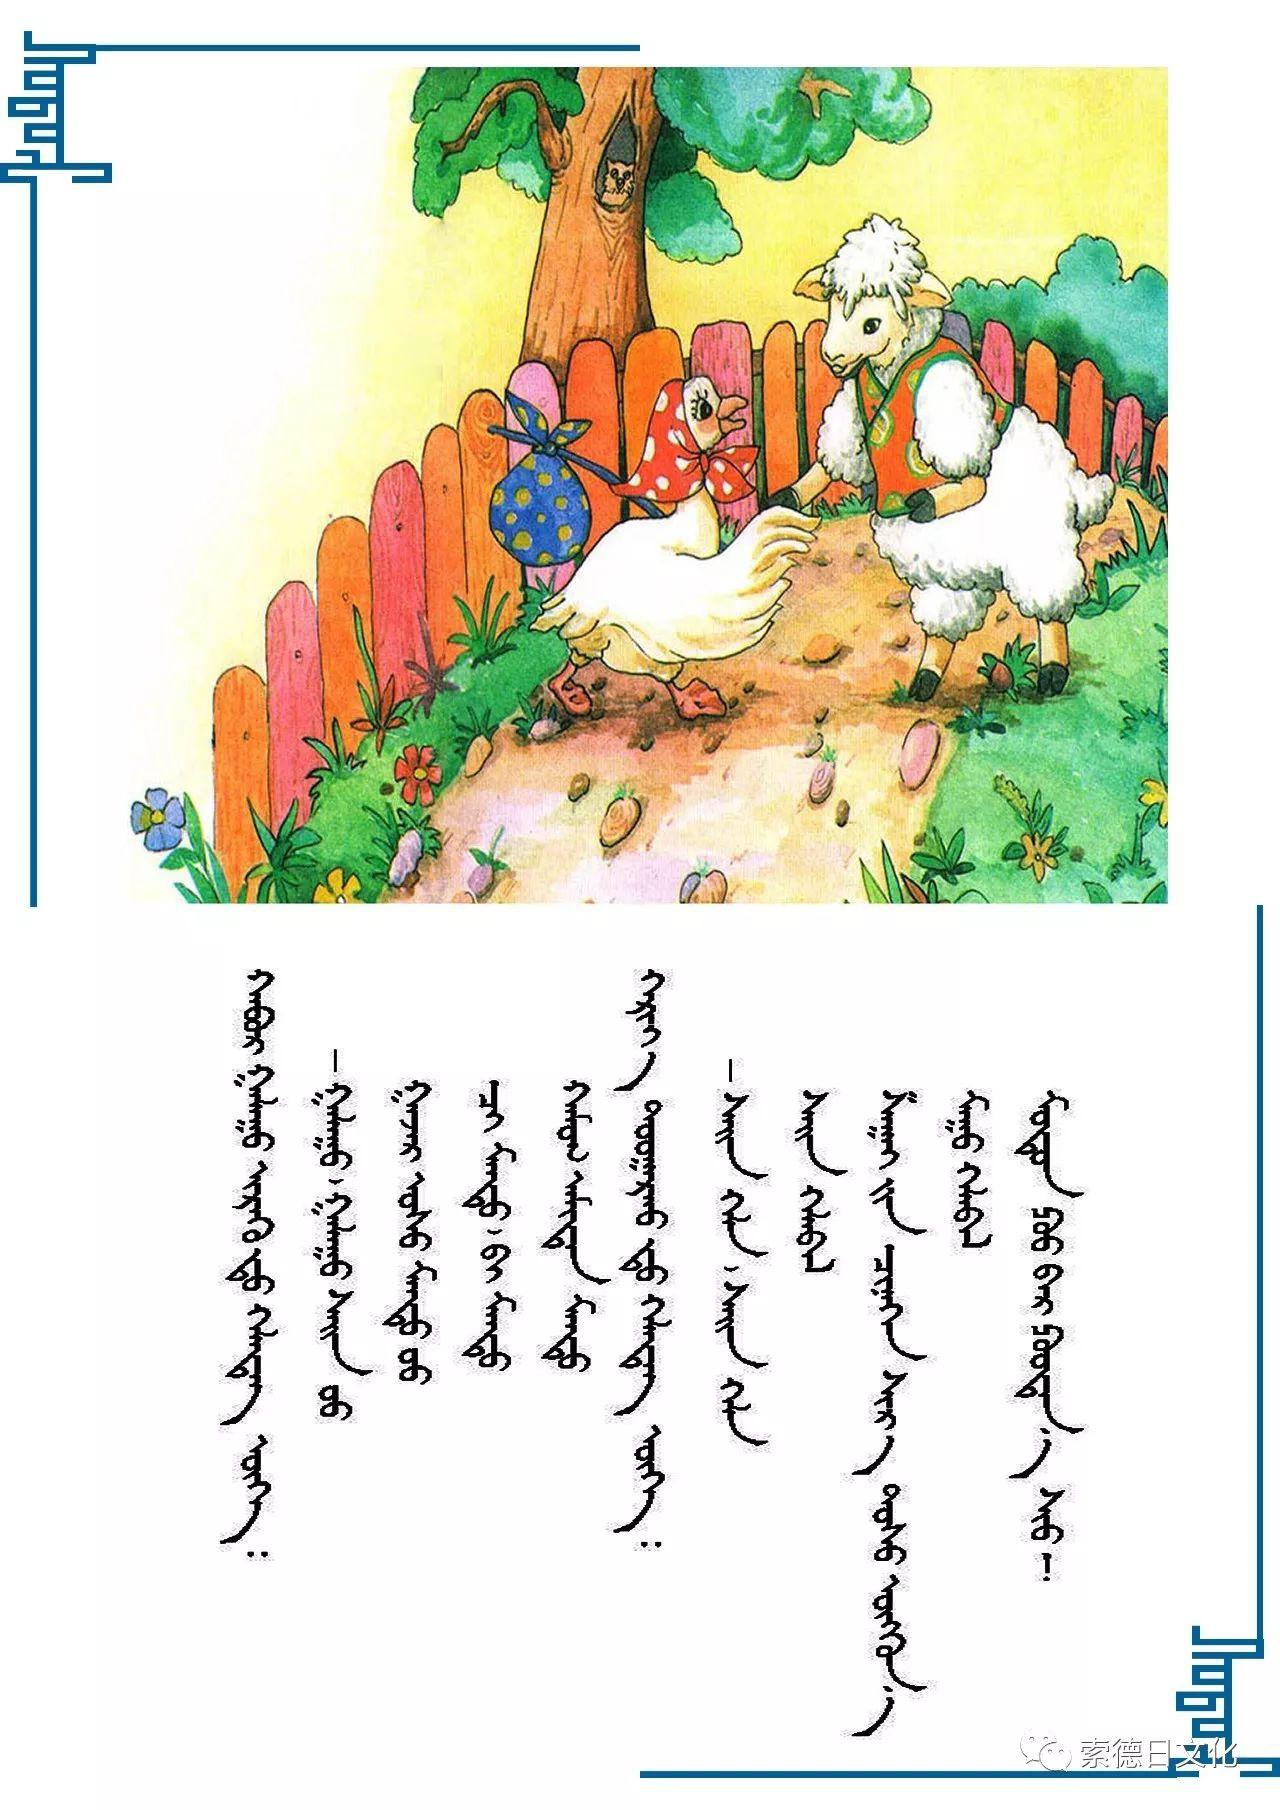 蒙古欢悦词 — 插图版 第7张 蒙古欢悦词 — 插图版 蒙古文库